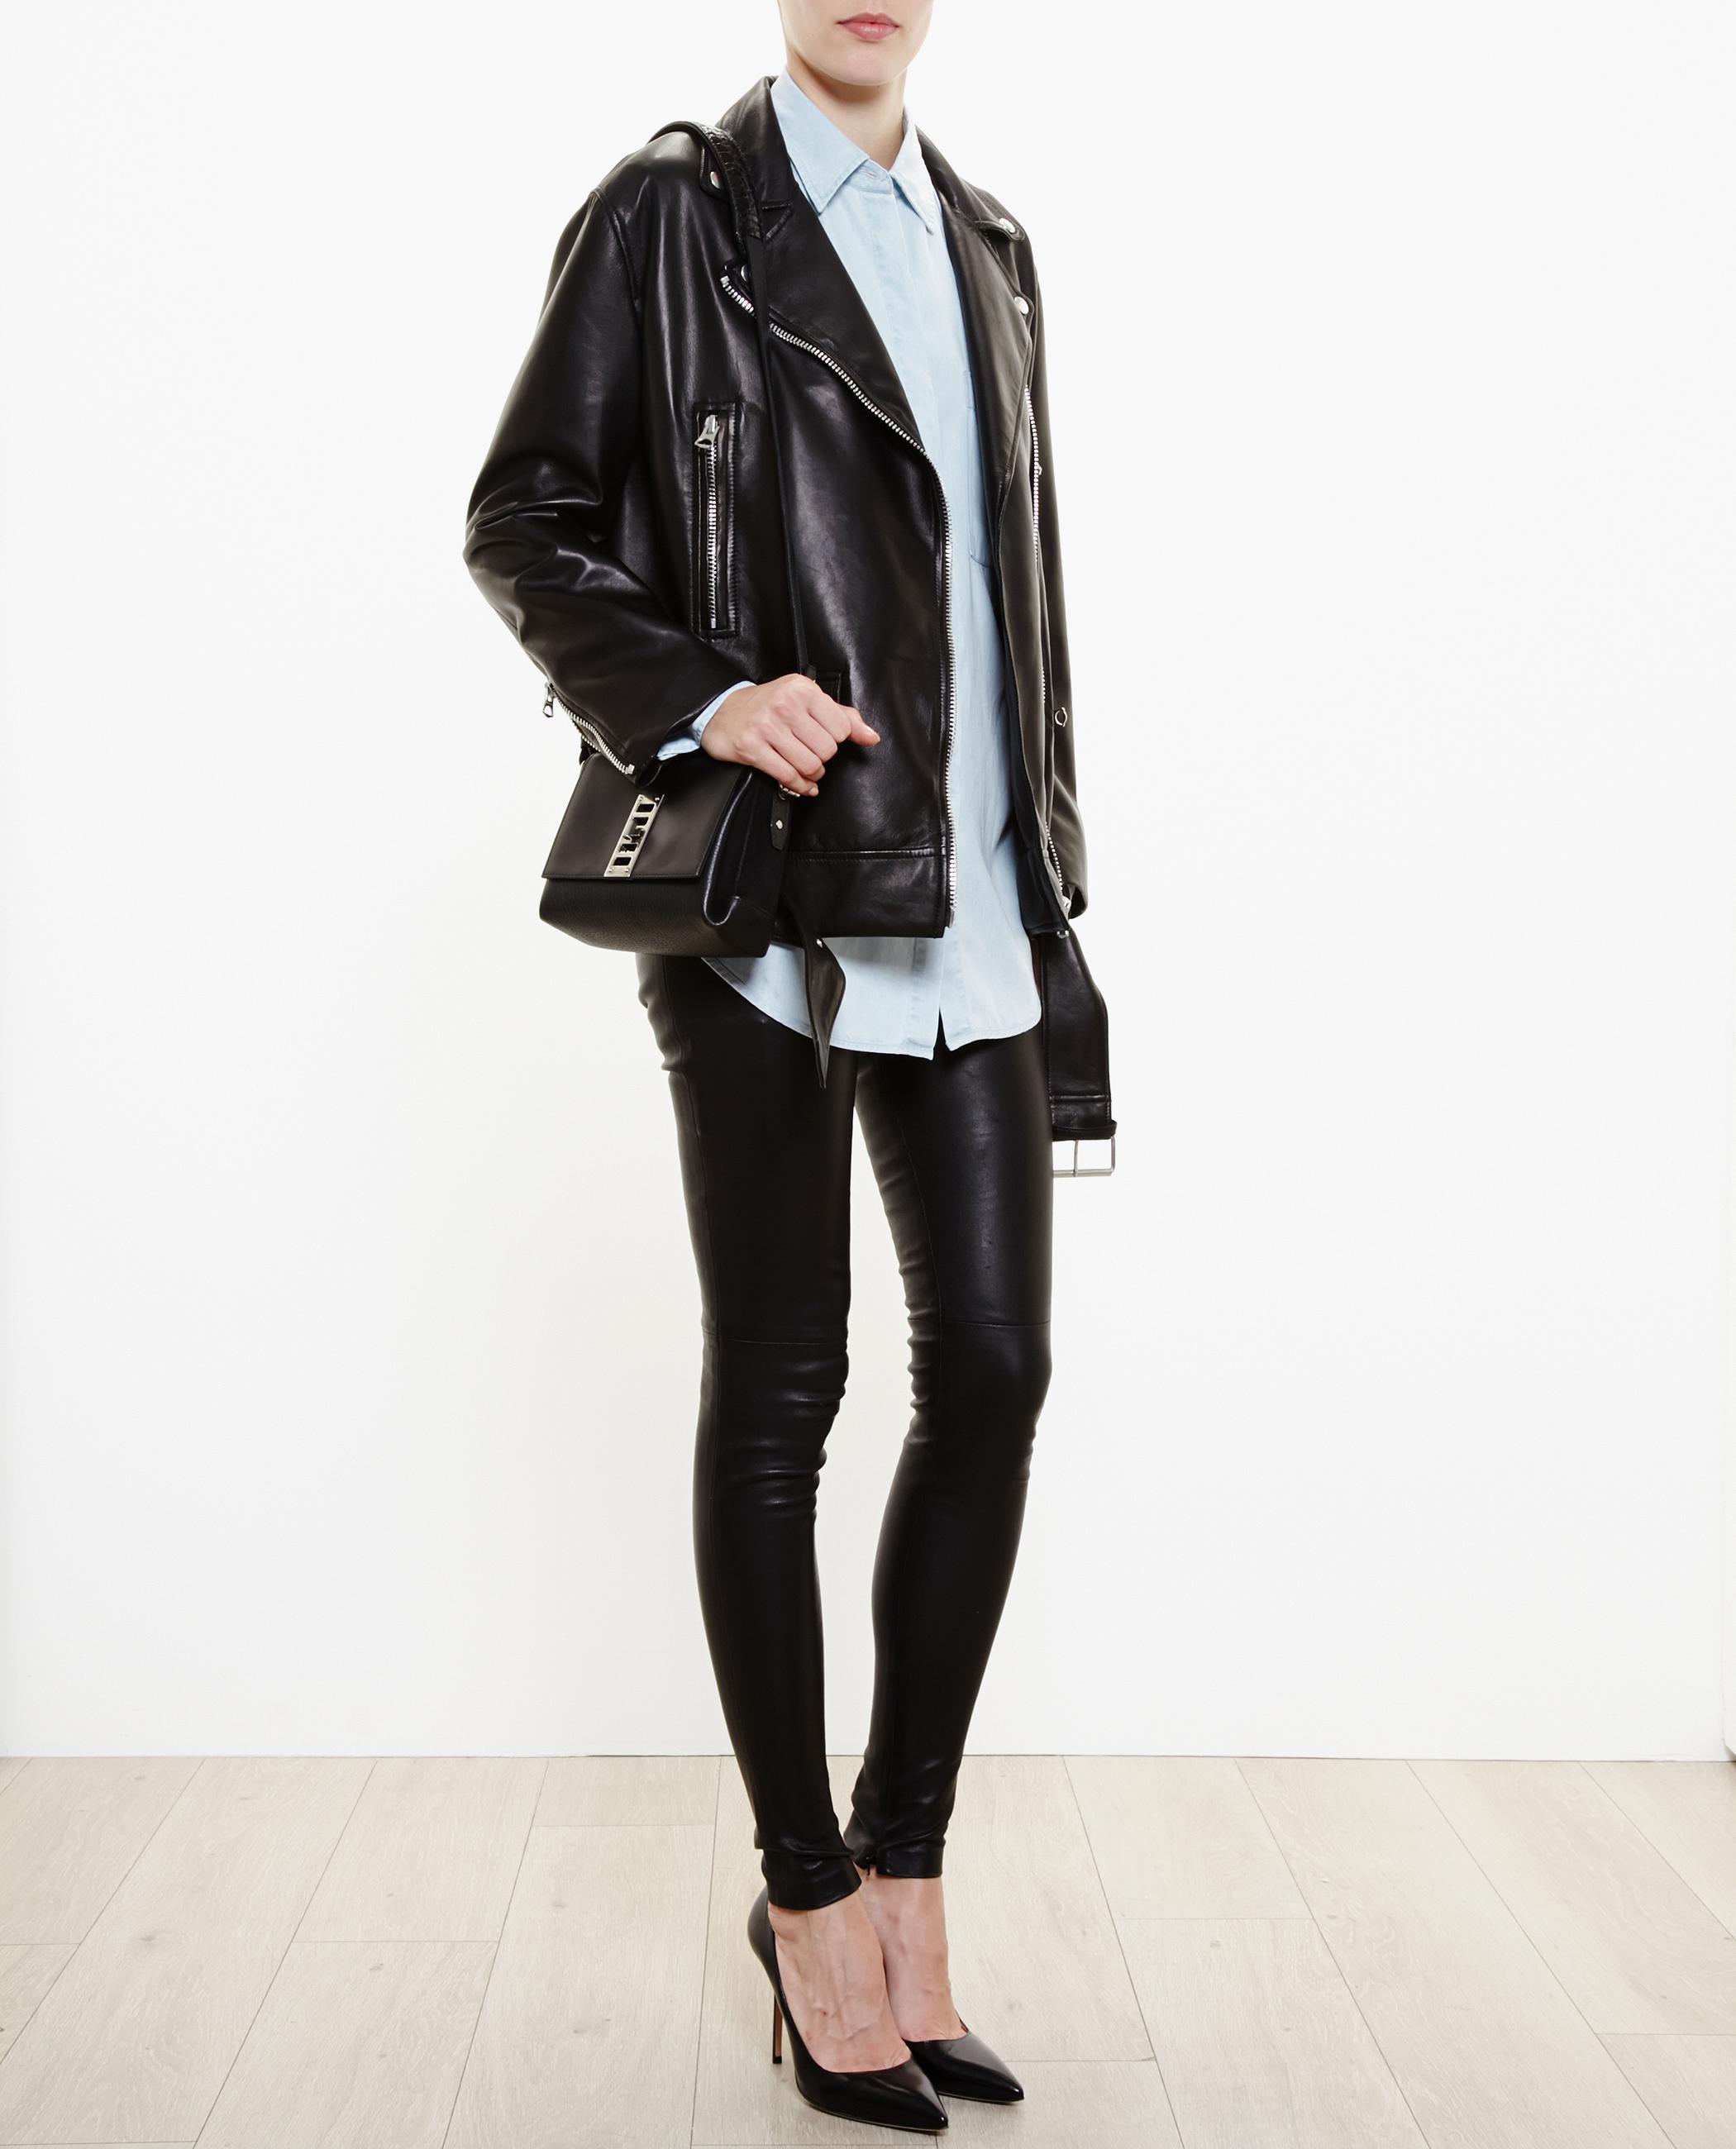 9e21279bd Acne Studios Black Oversized Leather Jacket